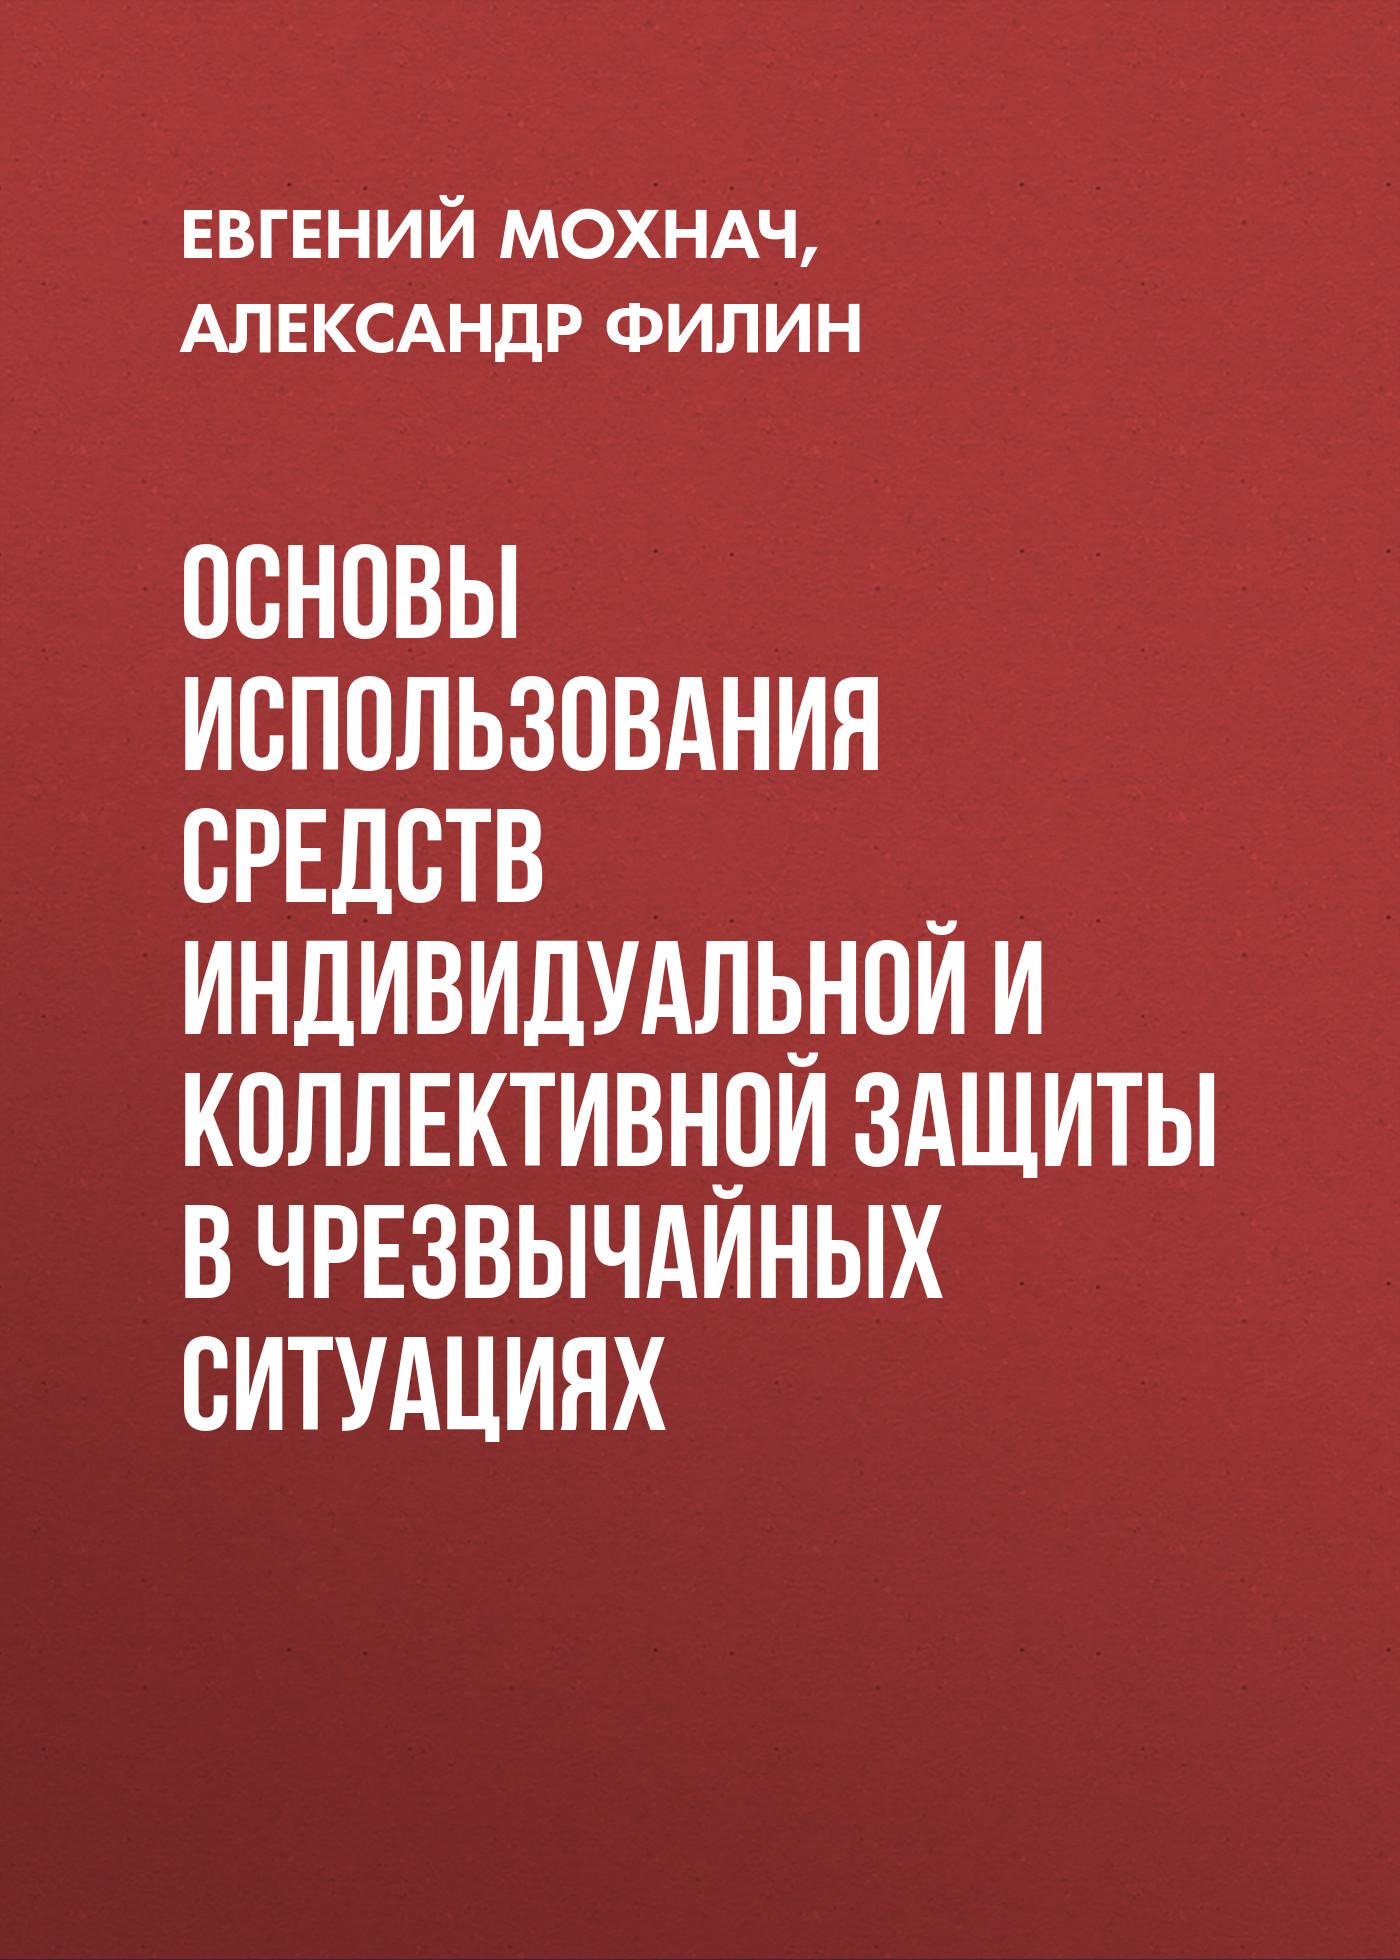 Обложка книги Основы использования средств индивидуальной и коллективной защиты в чрезвычайных ситуациях, автор Александр Филин